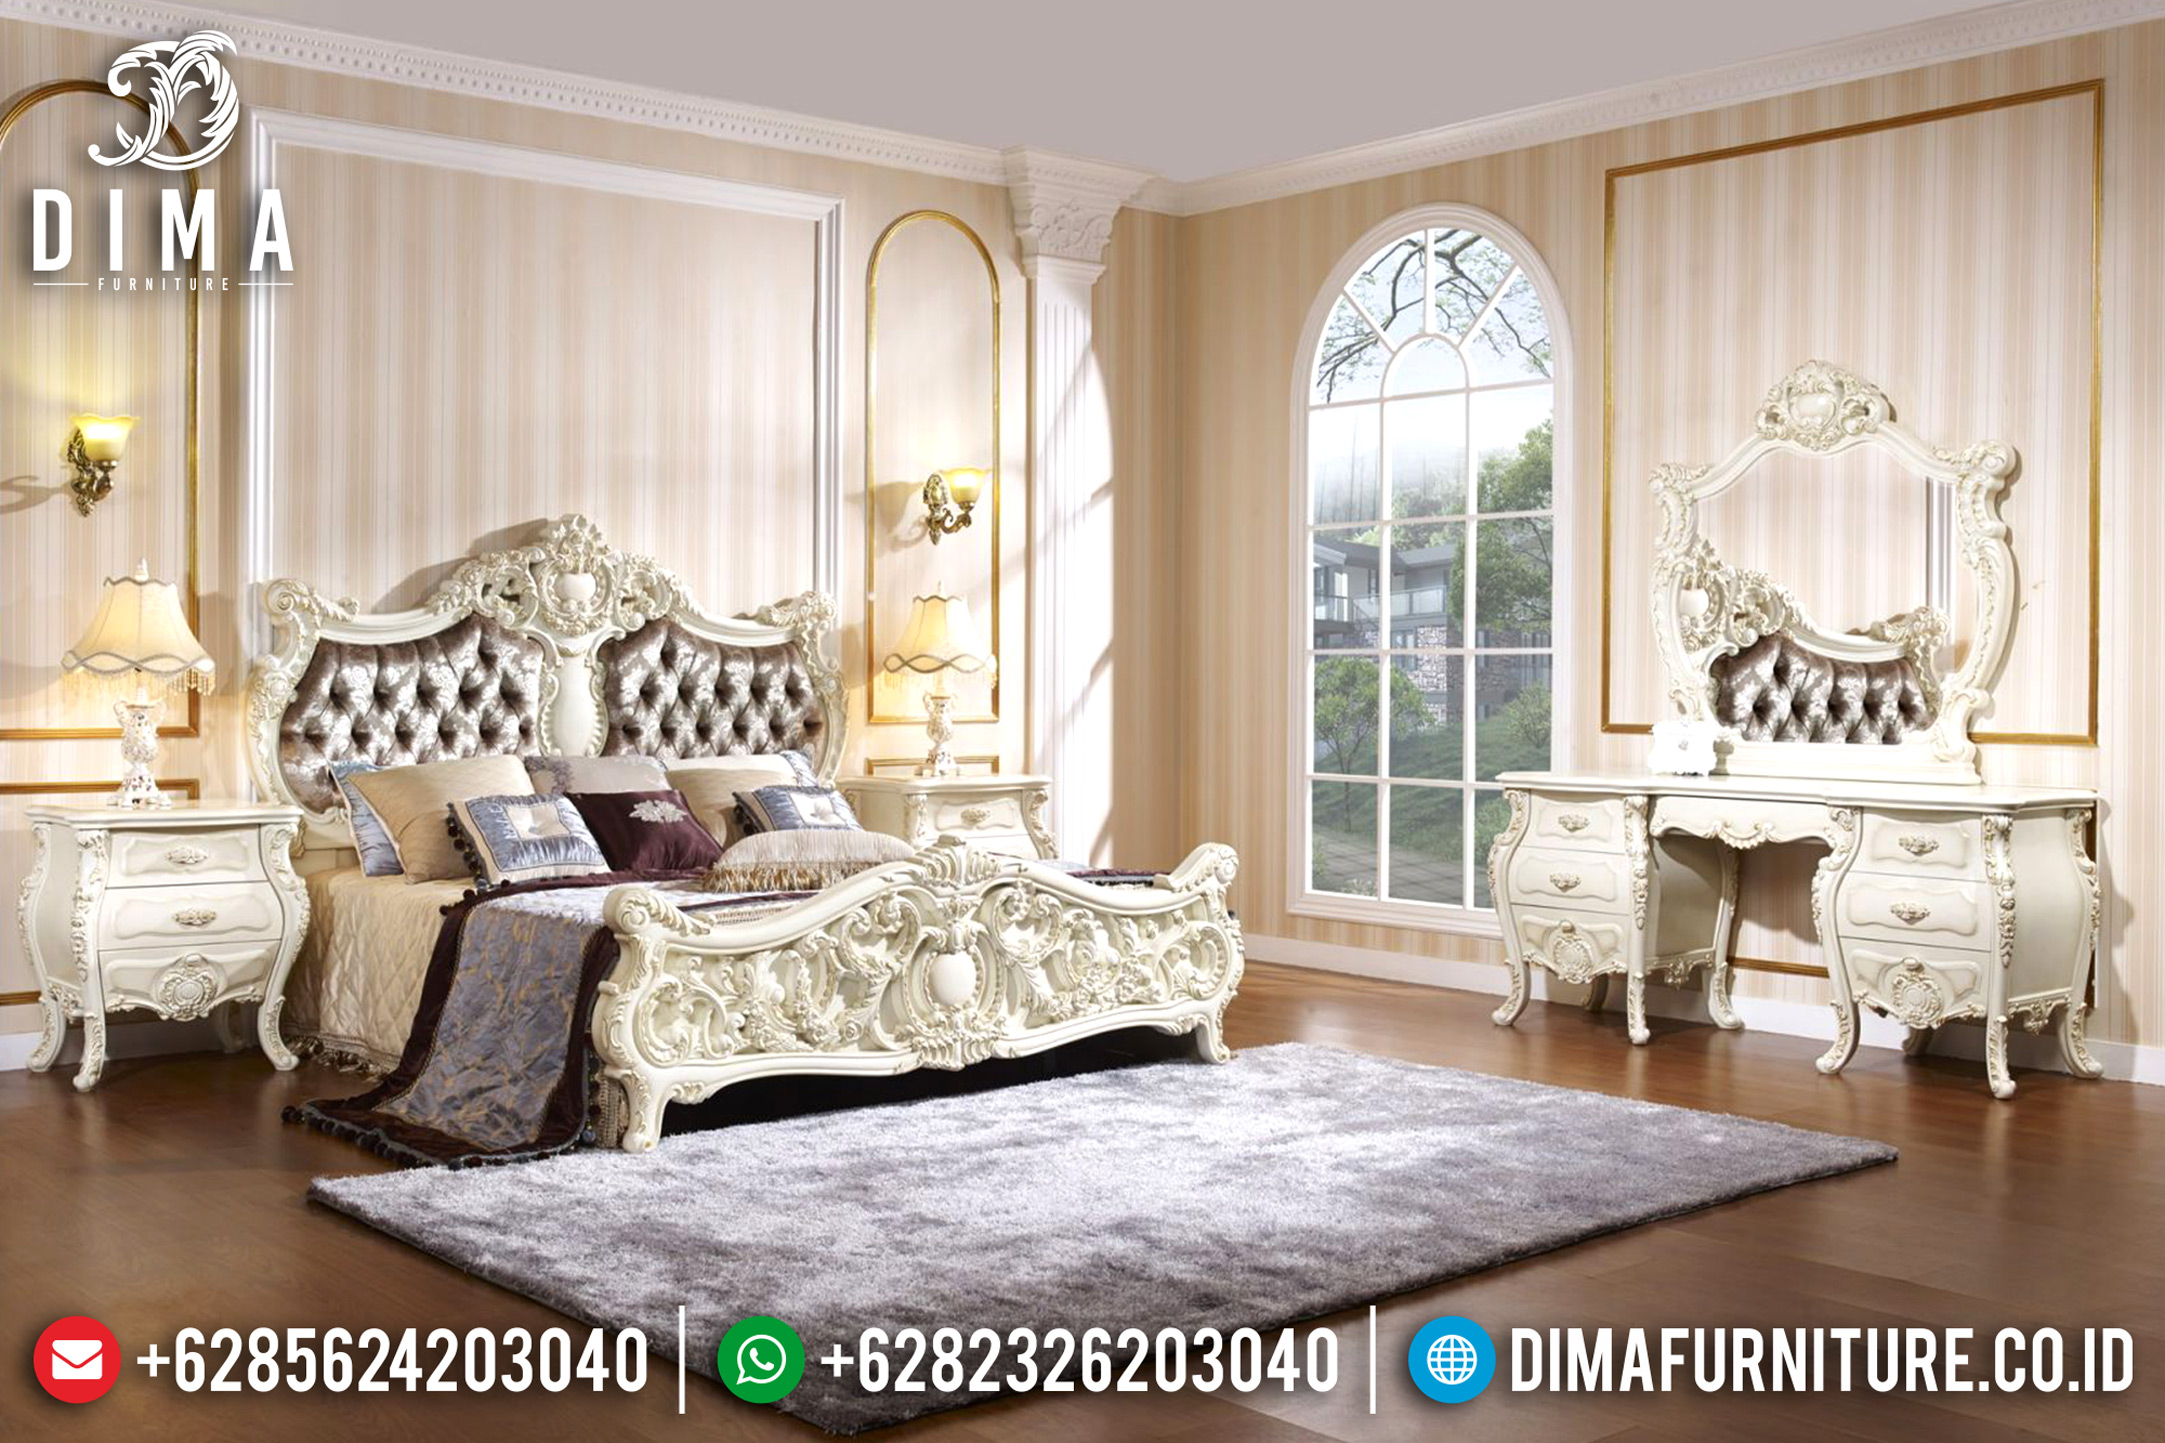 Tempat Tidur Jepara Mewah, Ranjang Pengantin Klasik, Kamar Tidur Jepara Terbaru MM-0372